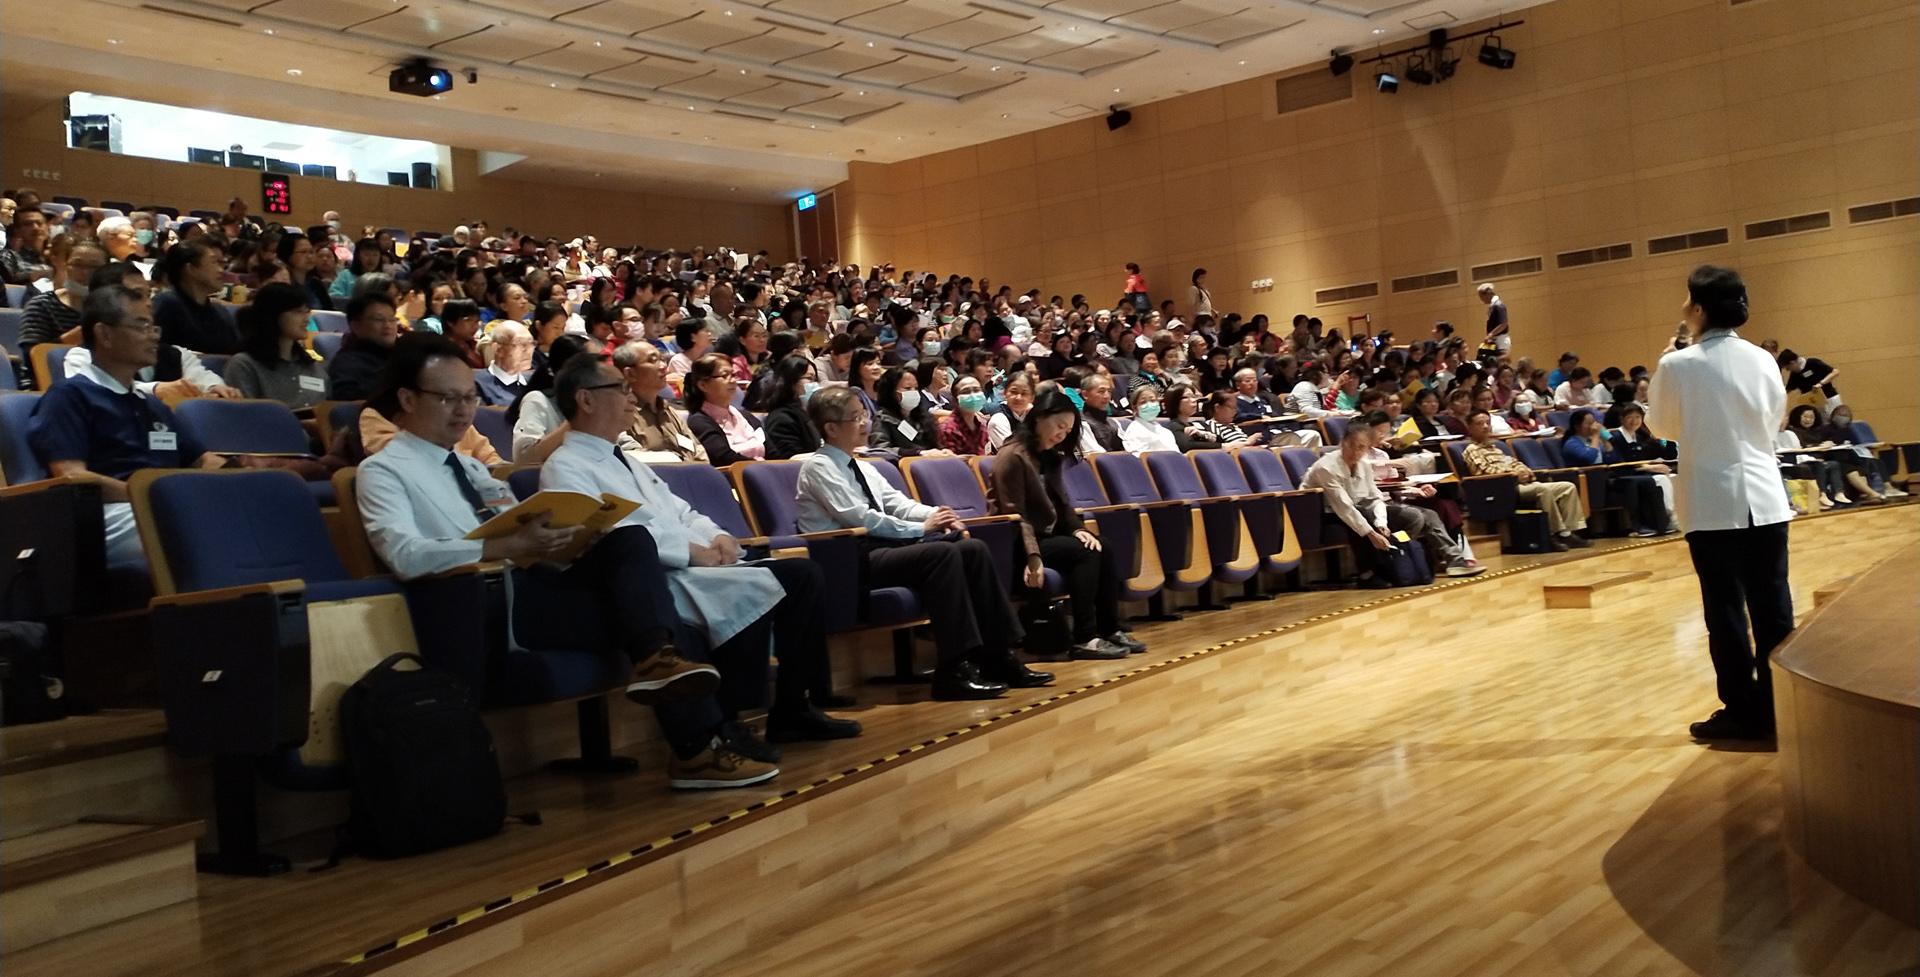 臺中慈濟醫院緩和關懷研習學員滿座